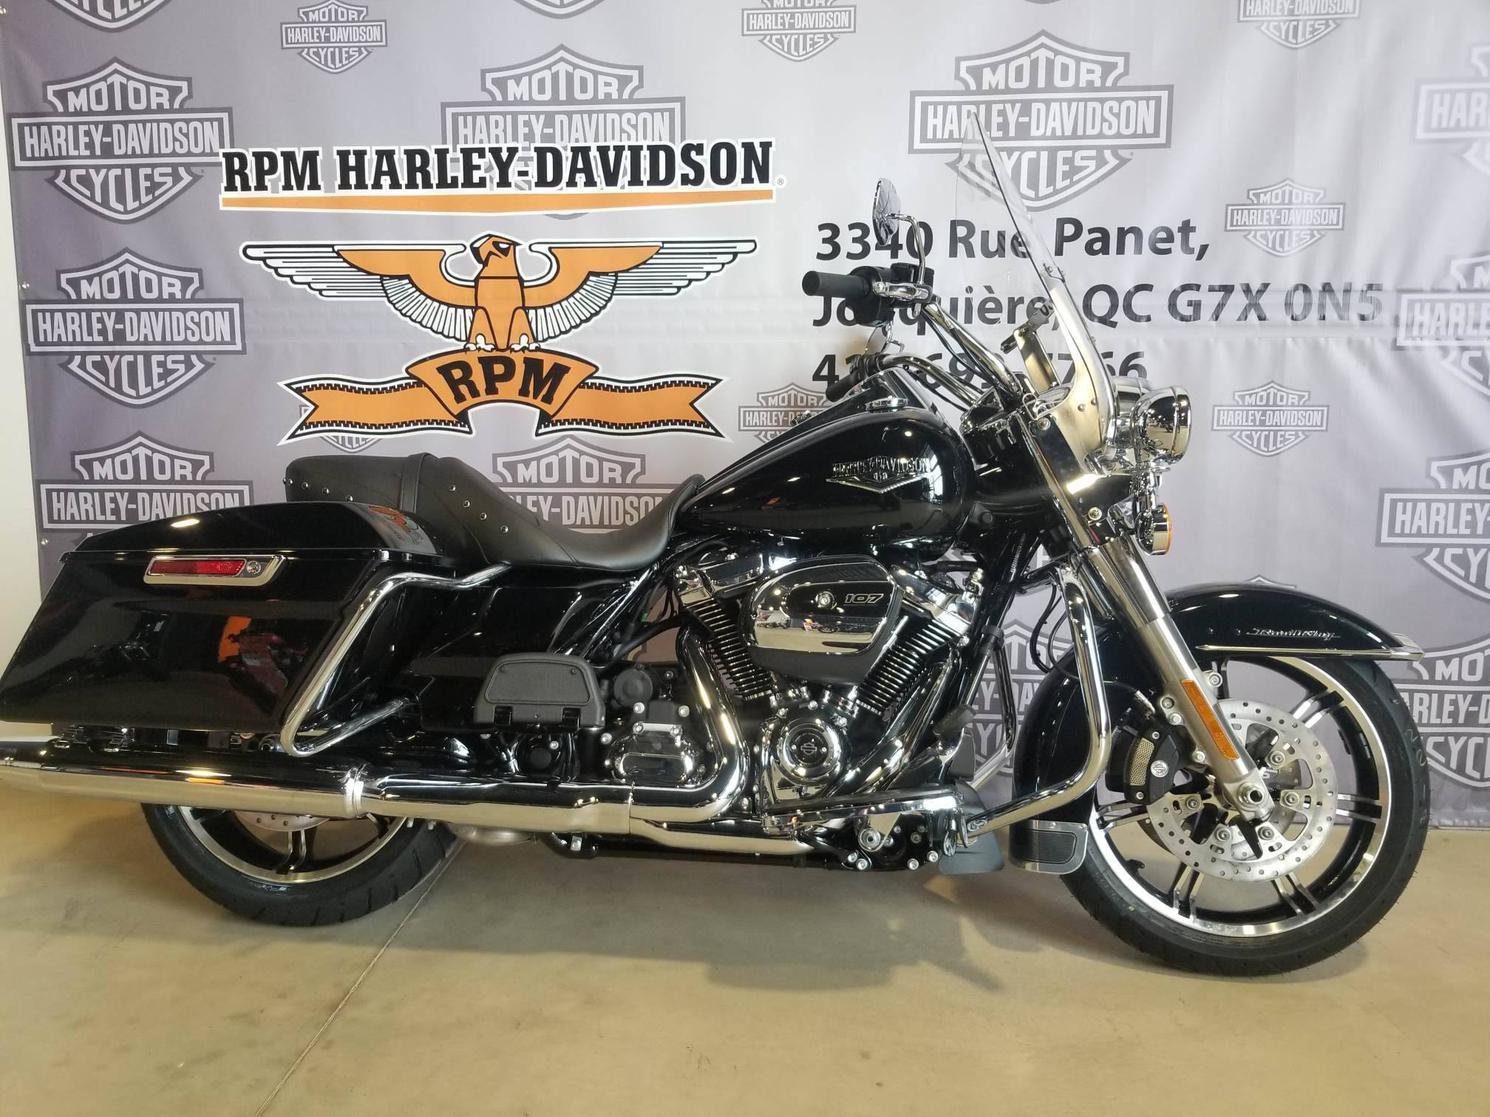 Harley-Davidson Road King 2021 - FLHR